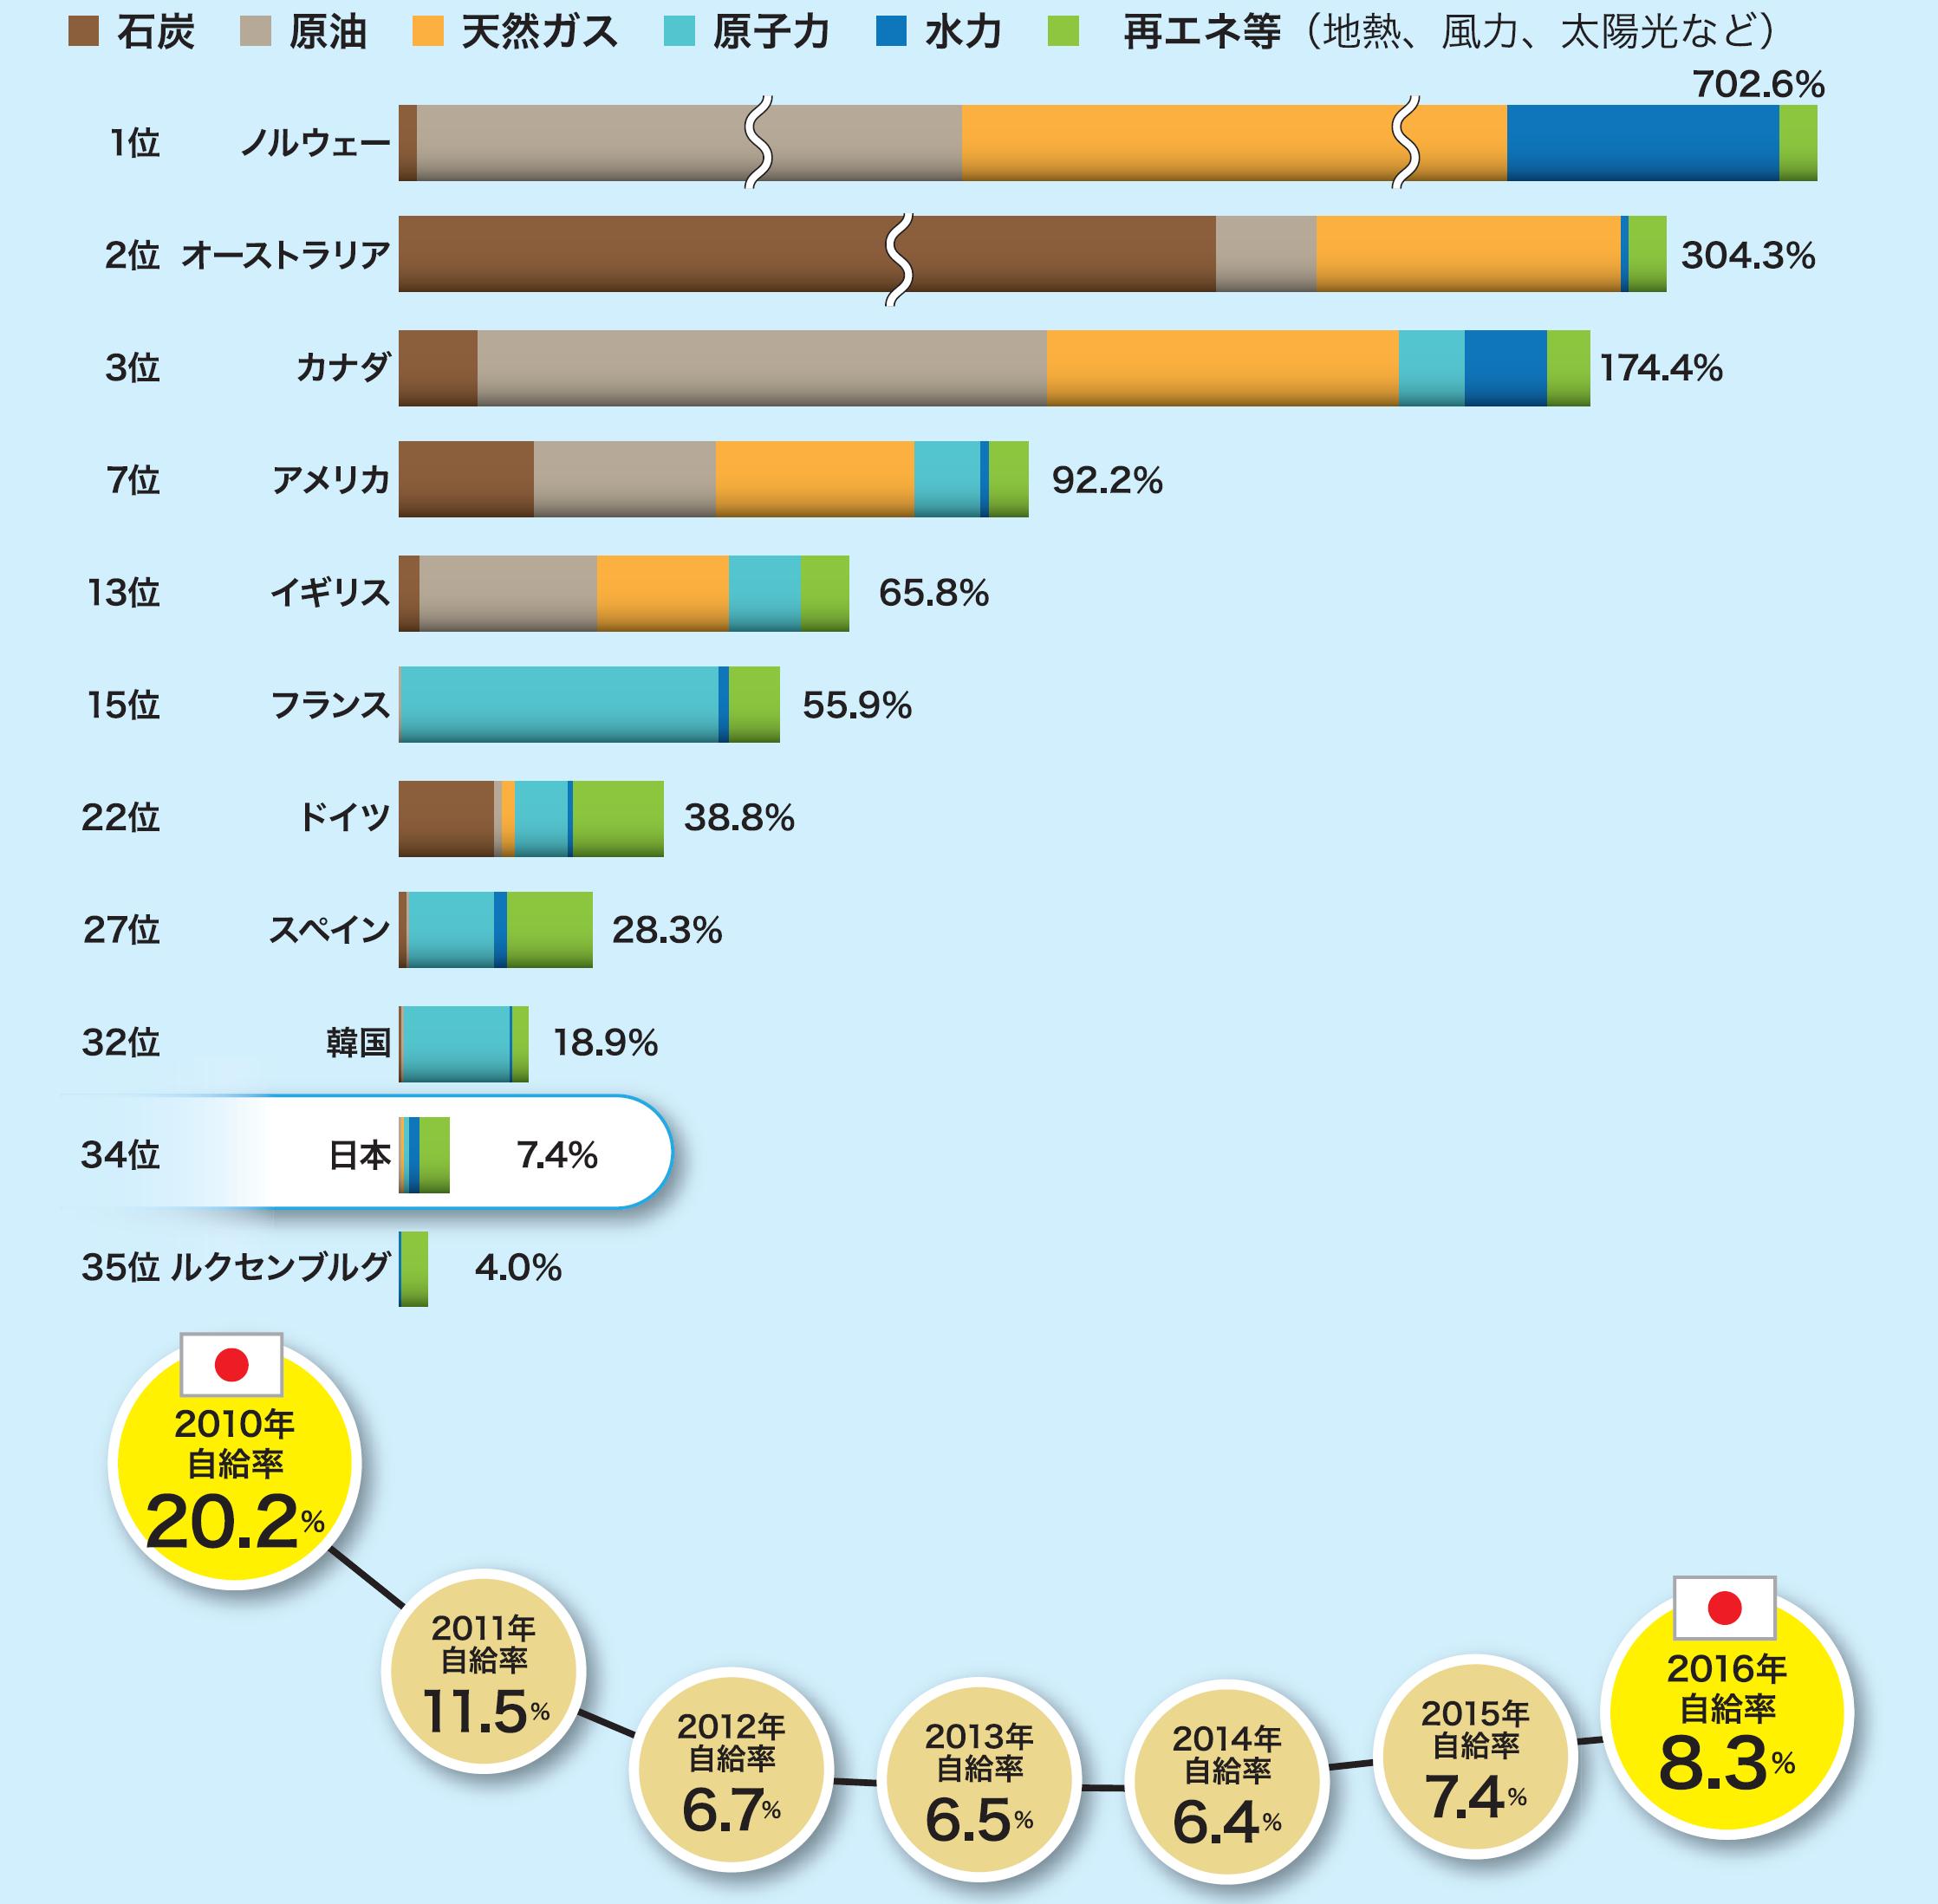 主要国の一次エネルギー自給率を比較したグラフです。